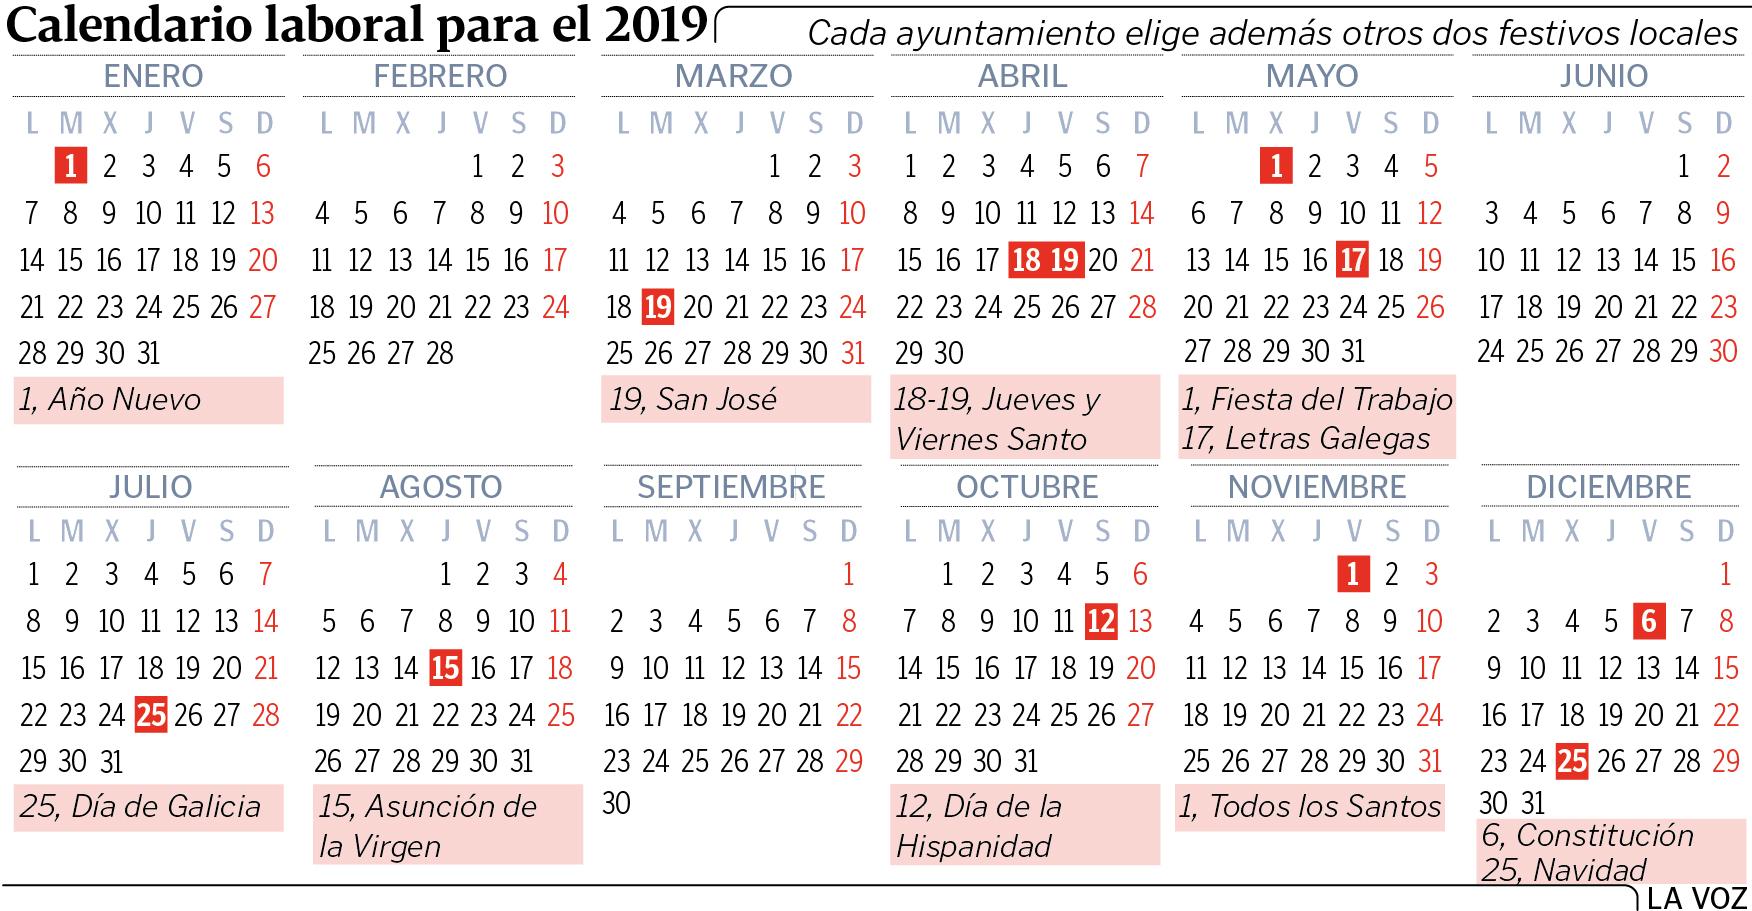 Calendario Laboral Vigo 2020.El Calendario Laboral Del 2019 Permitira Hasta Ocho Puentes